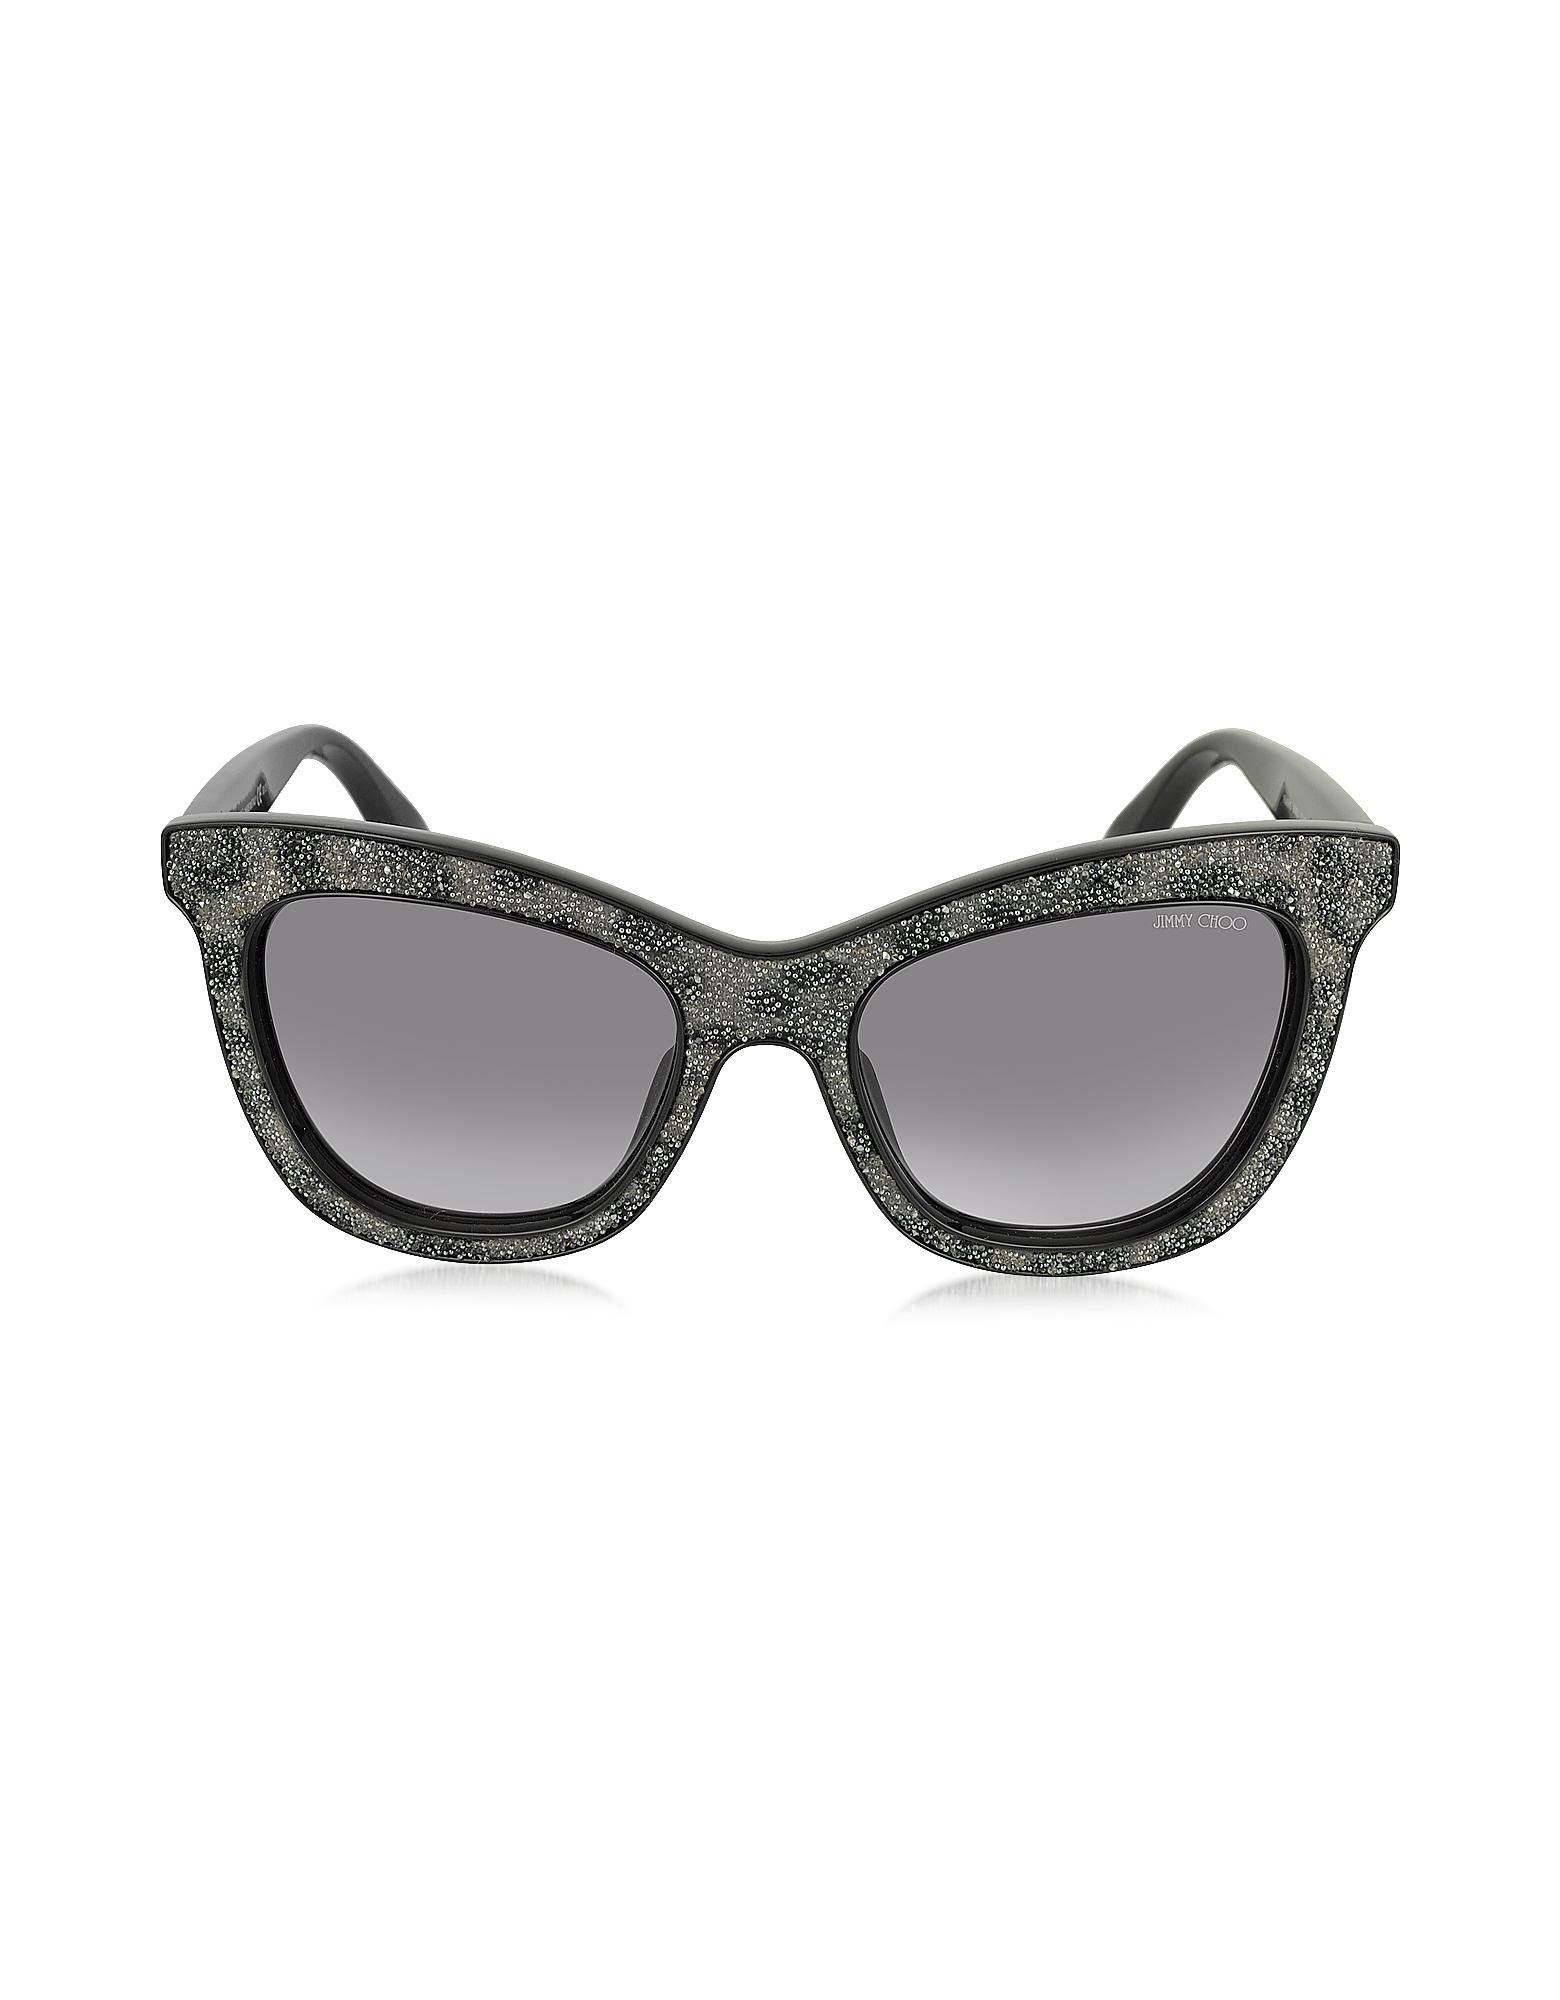 FLASH/S IBWEU - Черно-Серые Блестящие Солнечные Очки Кошачий Глаз